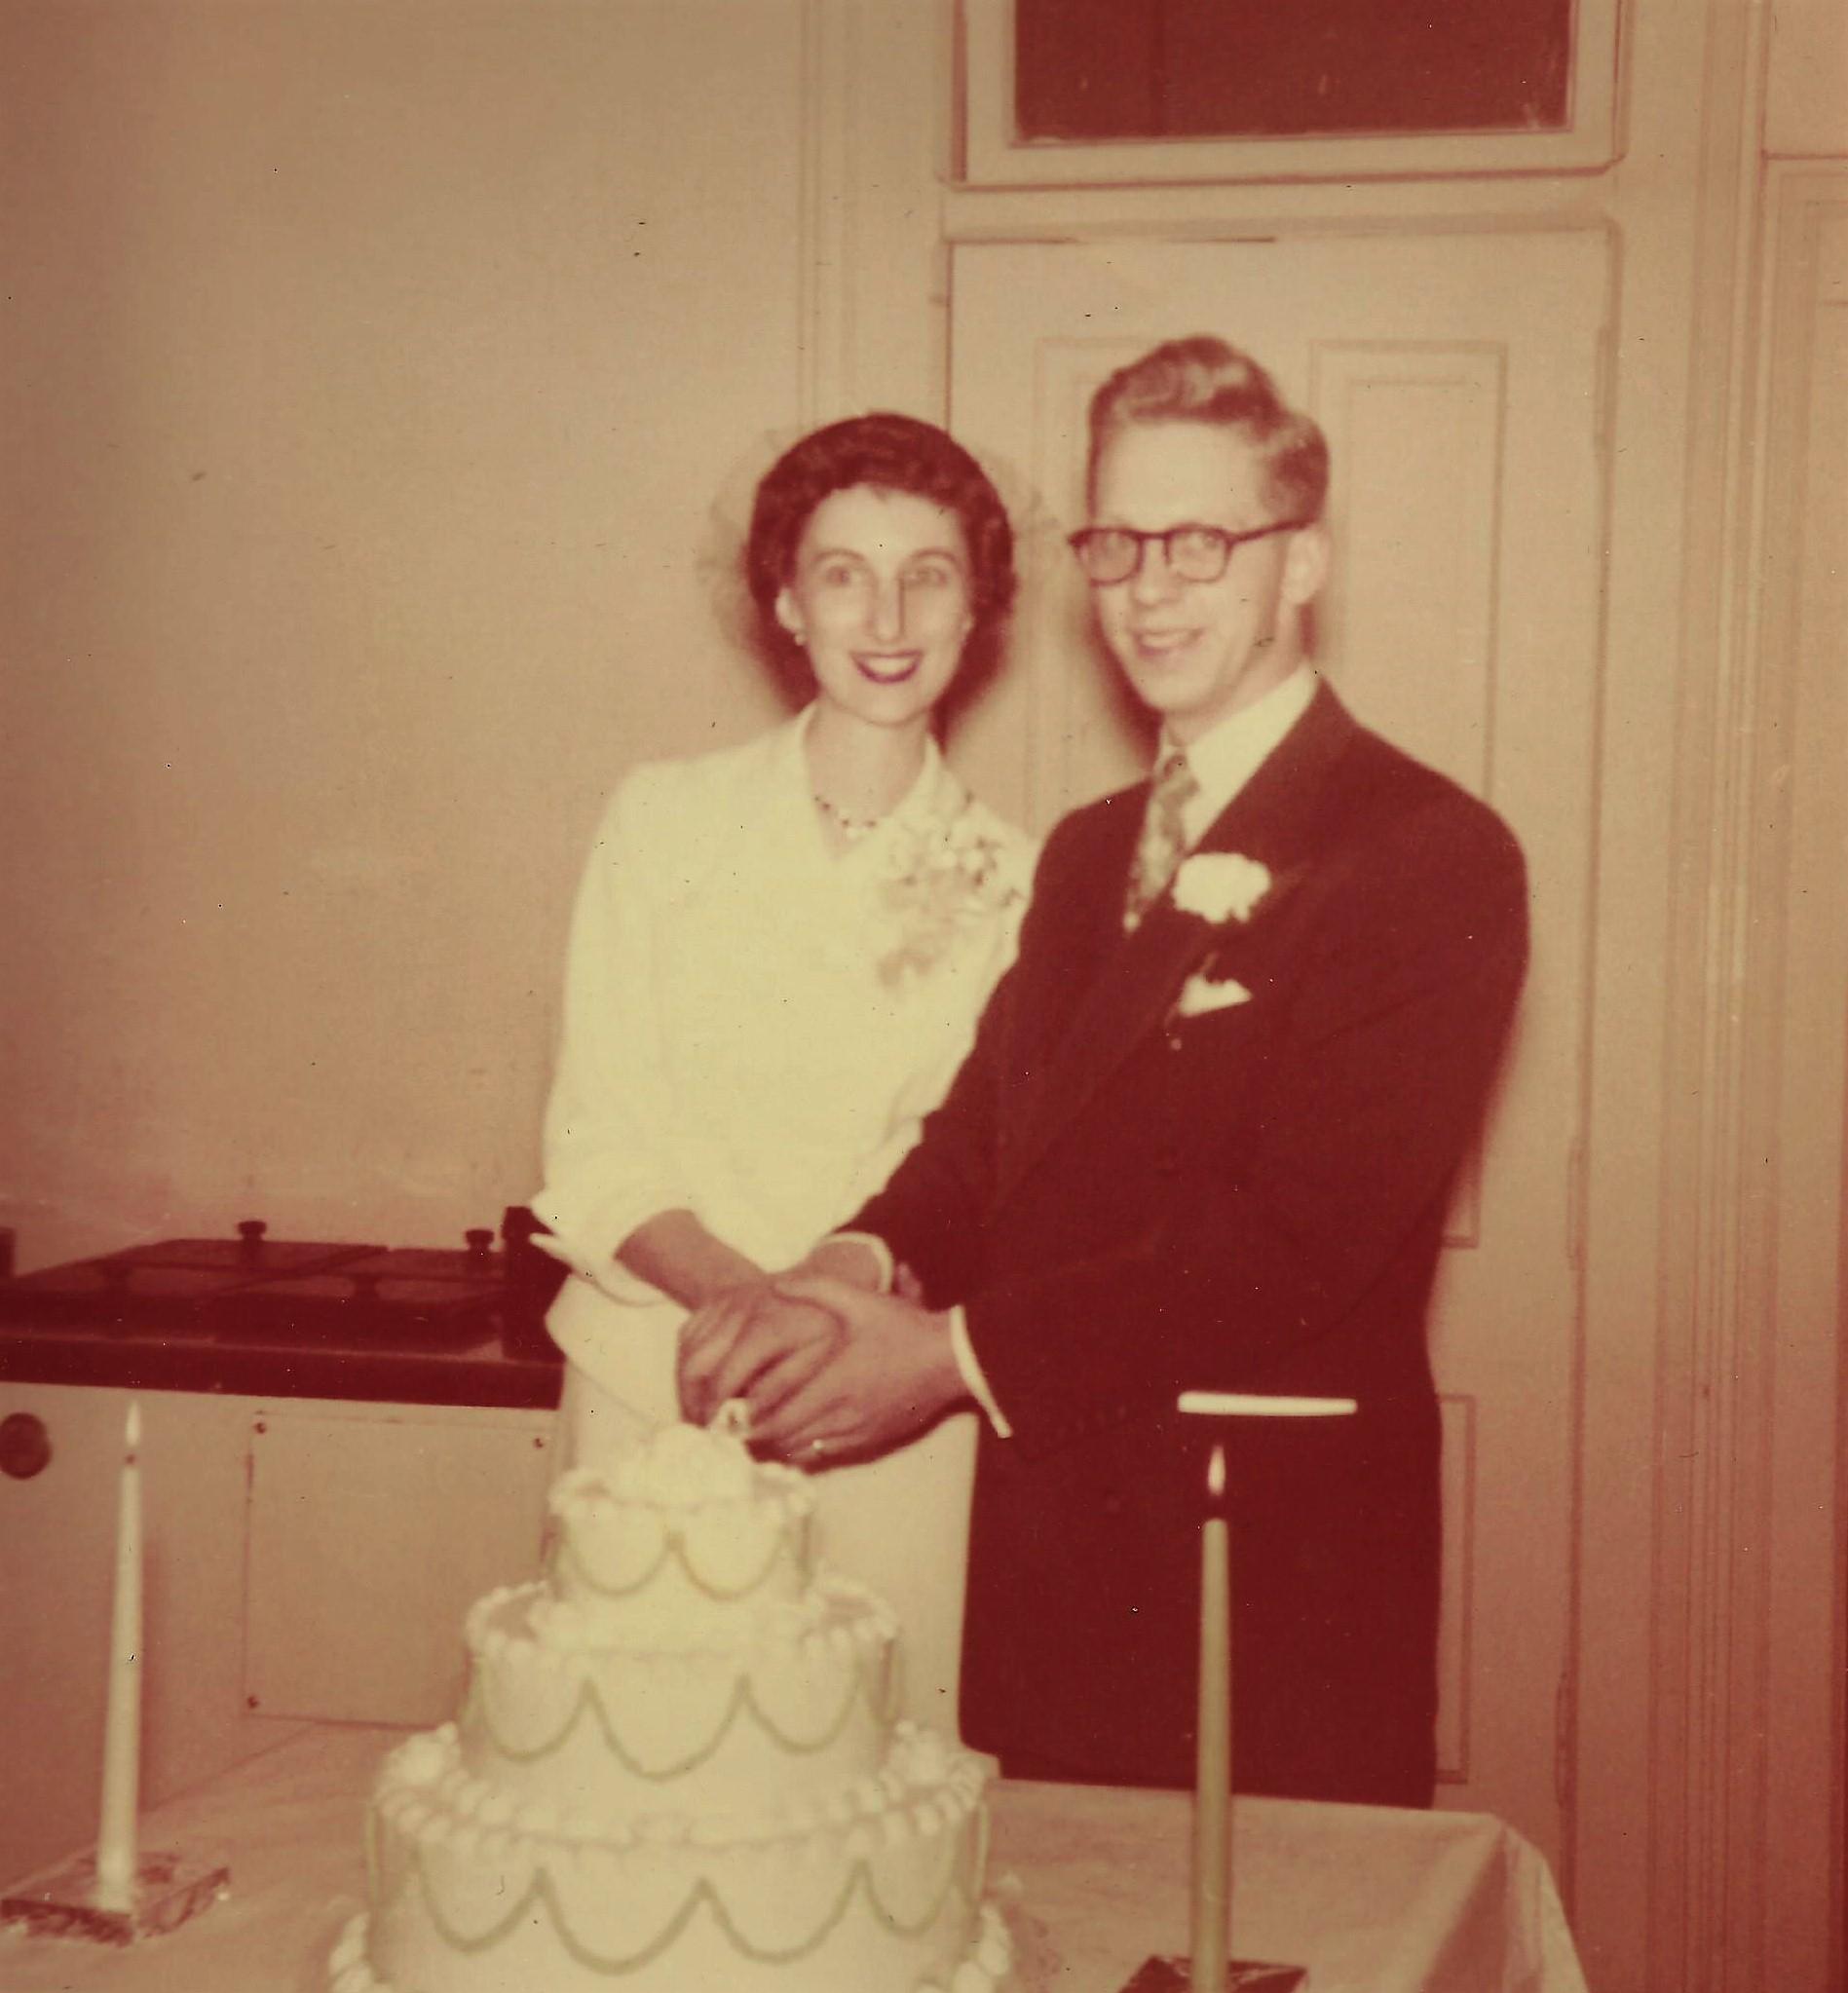 Doris & Harold's wedding picture